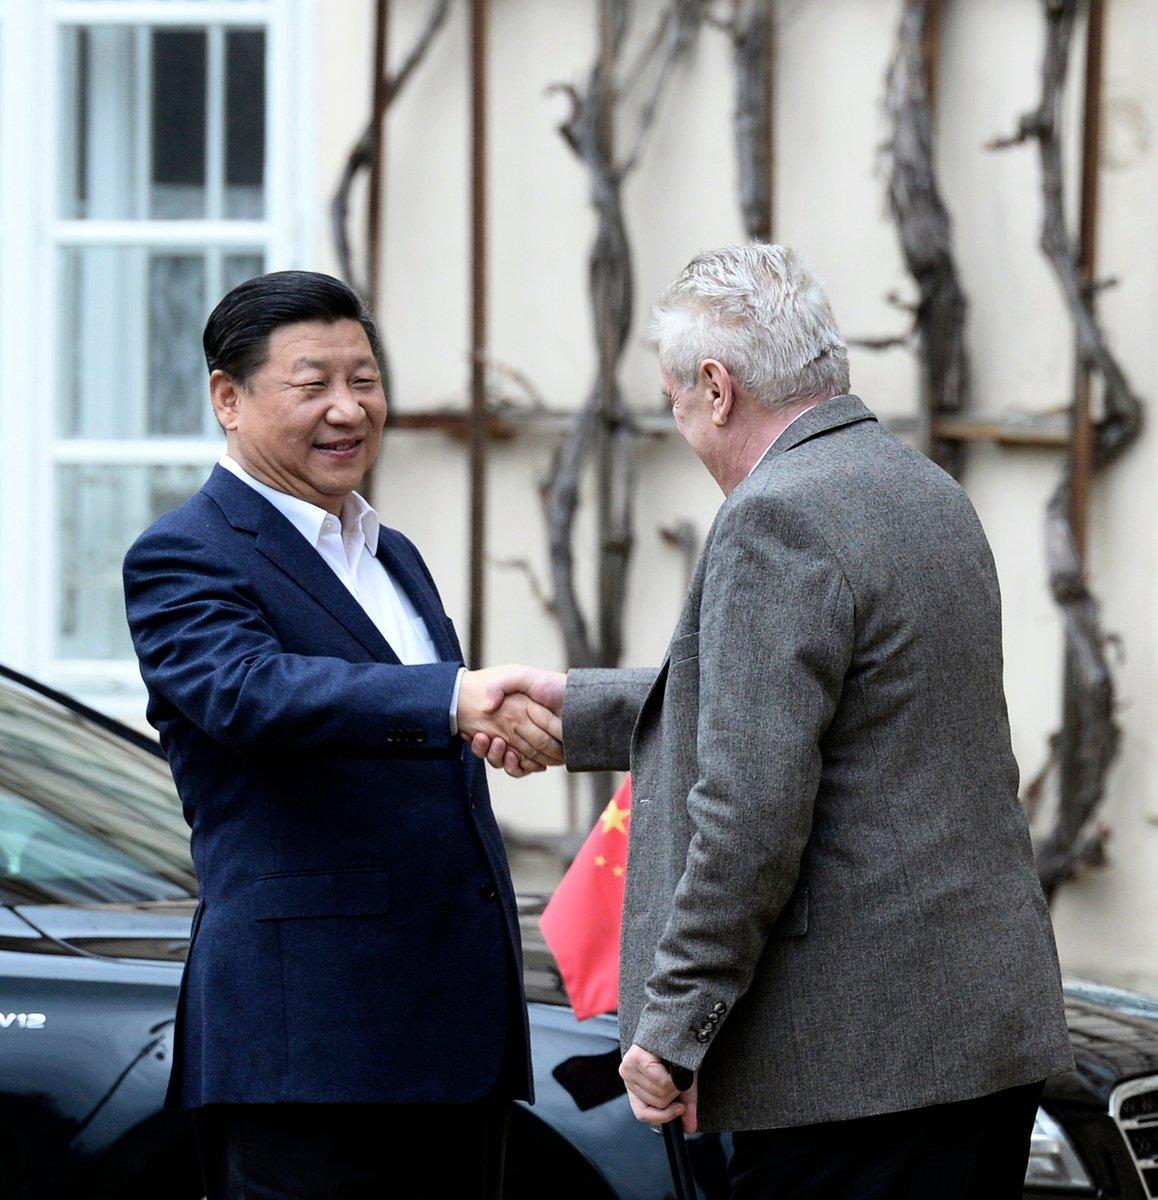 2016年3月28日,習近平出訪捷克時,與捷克總統澤曼會面。(Photo credit should read MICHAL KRUMPHANZL/AFP via Getty Images)